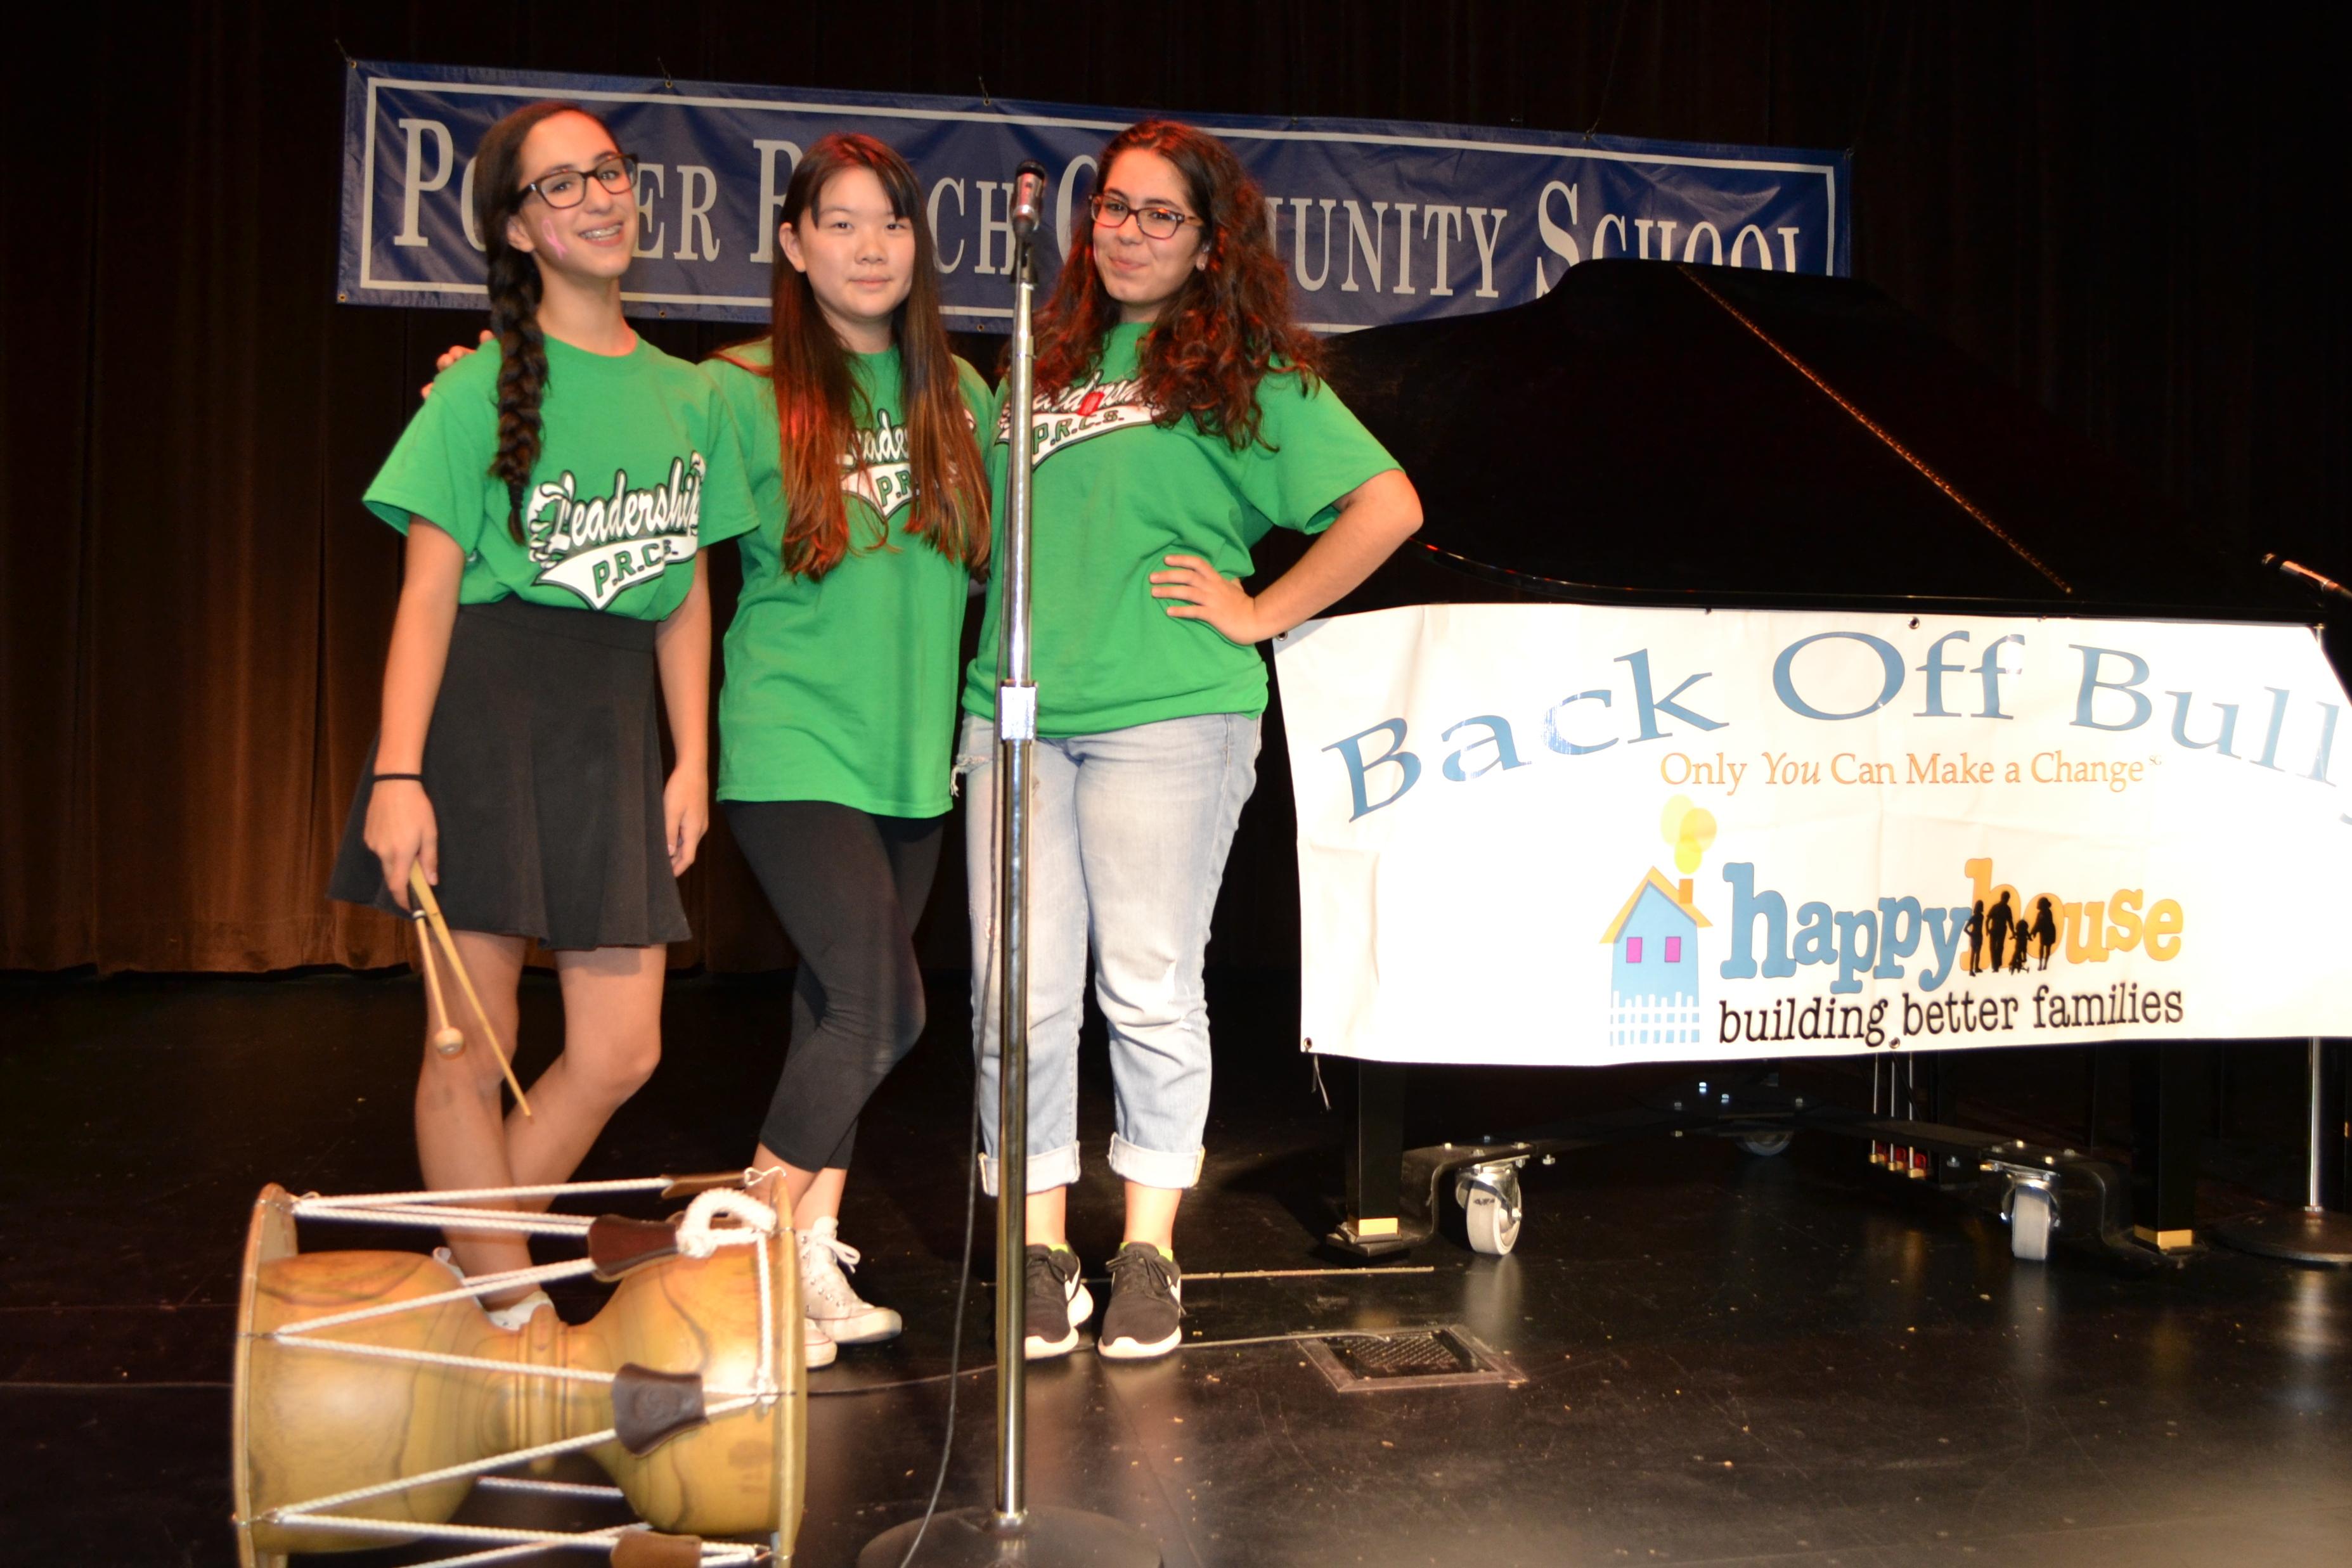 Back Off Bully Assembly